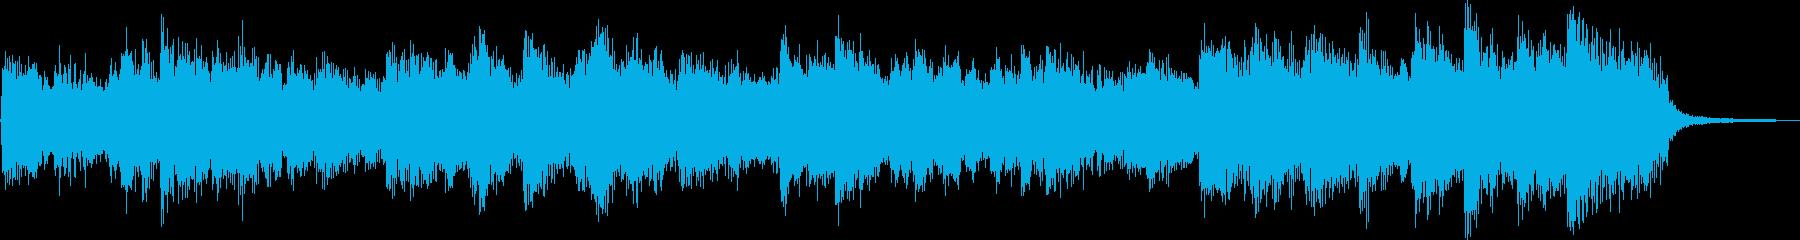 サックスが印象的な大人のジャズジングルの再生済みの波形